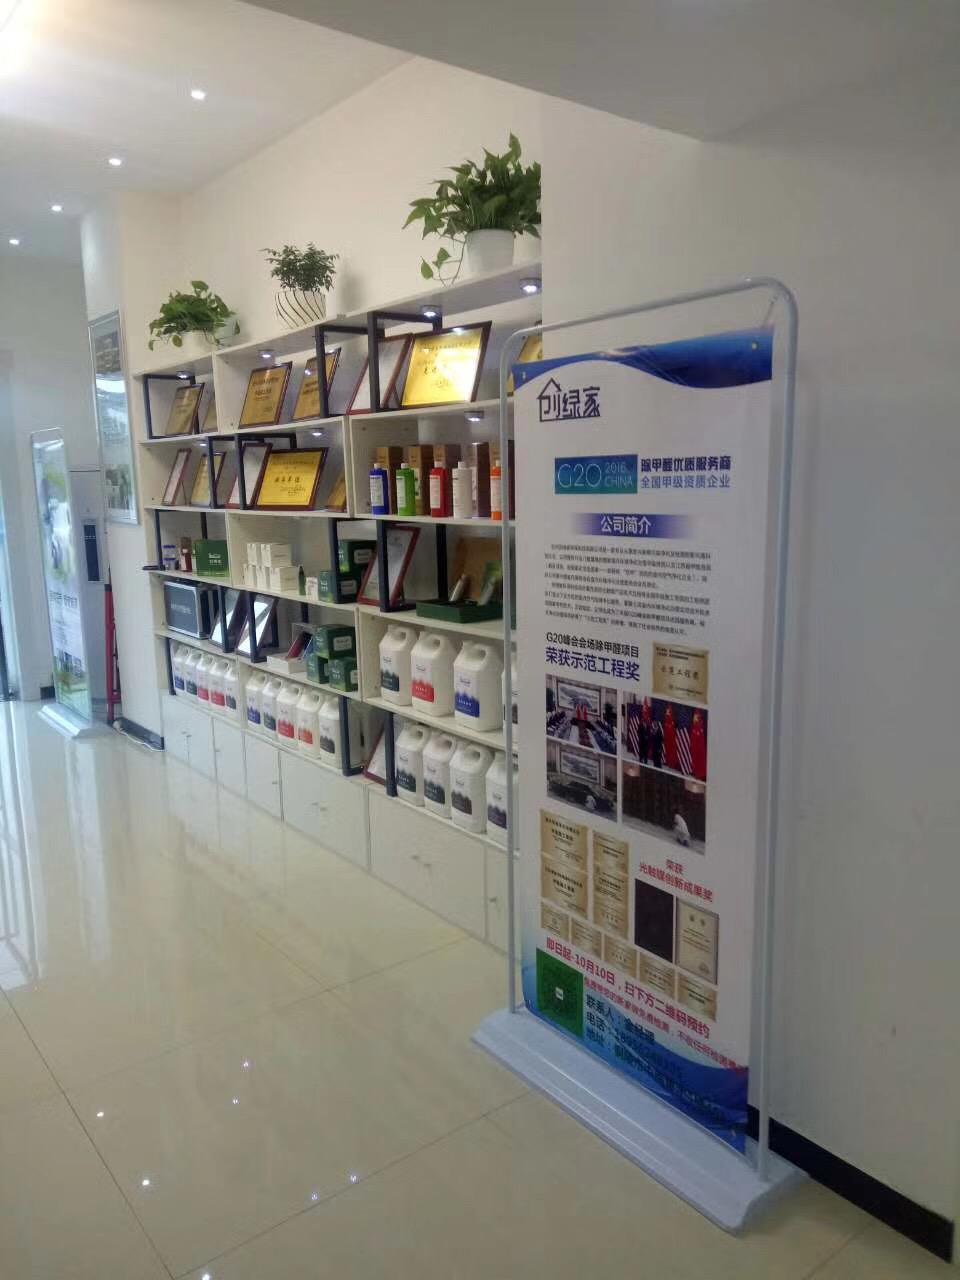 热烈祝贺创绿家空气治理铜陵服务中心新落成!